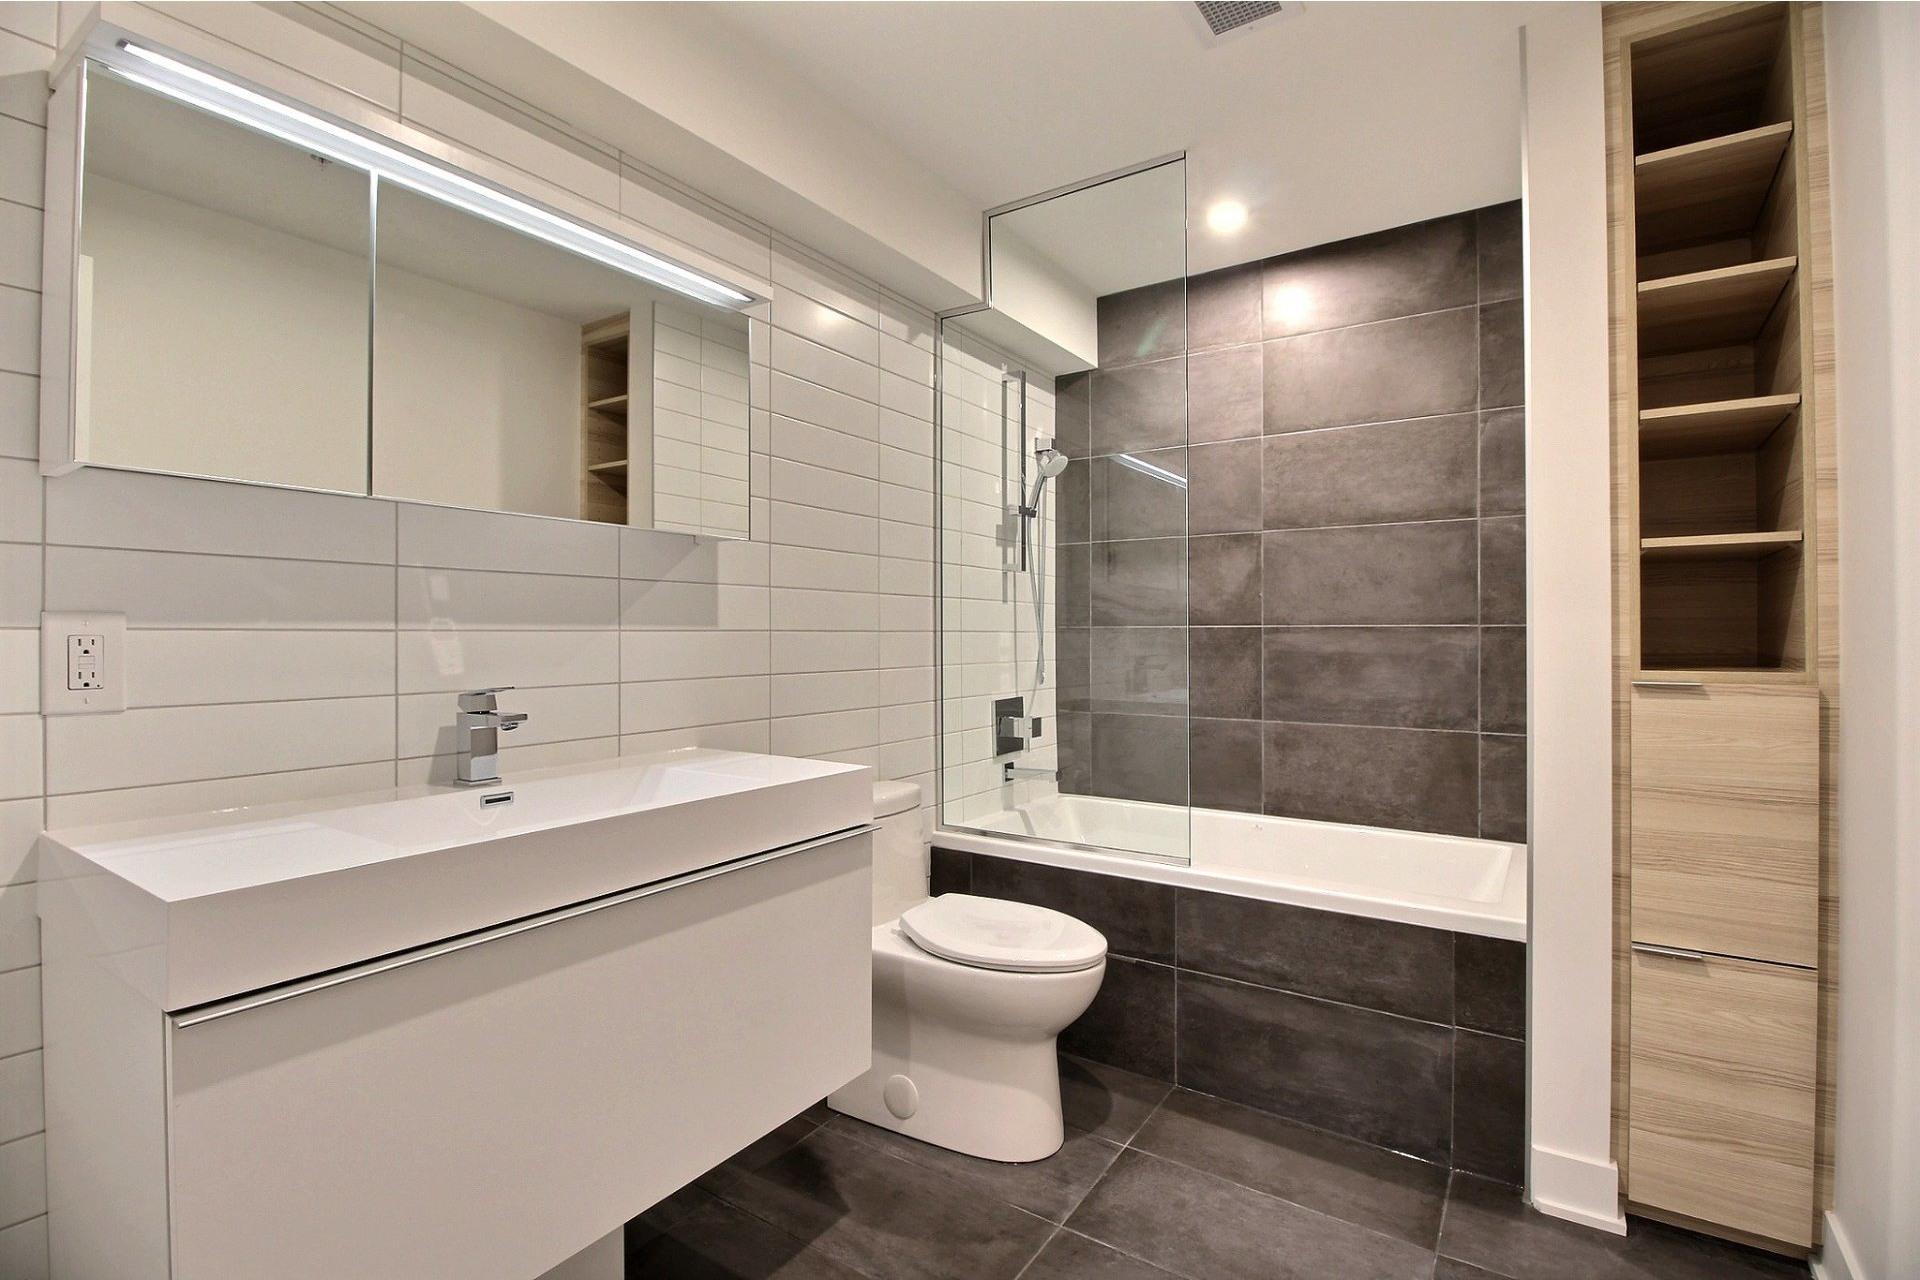 image 6 - Apartment For rent Montréal Le Sud-Ouest  - 4 rooms